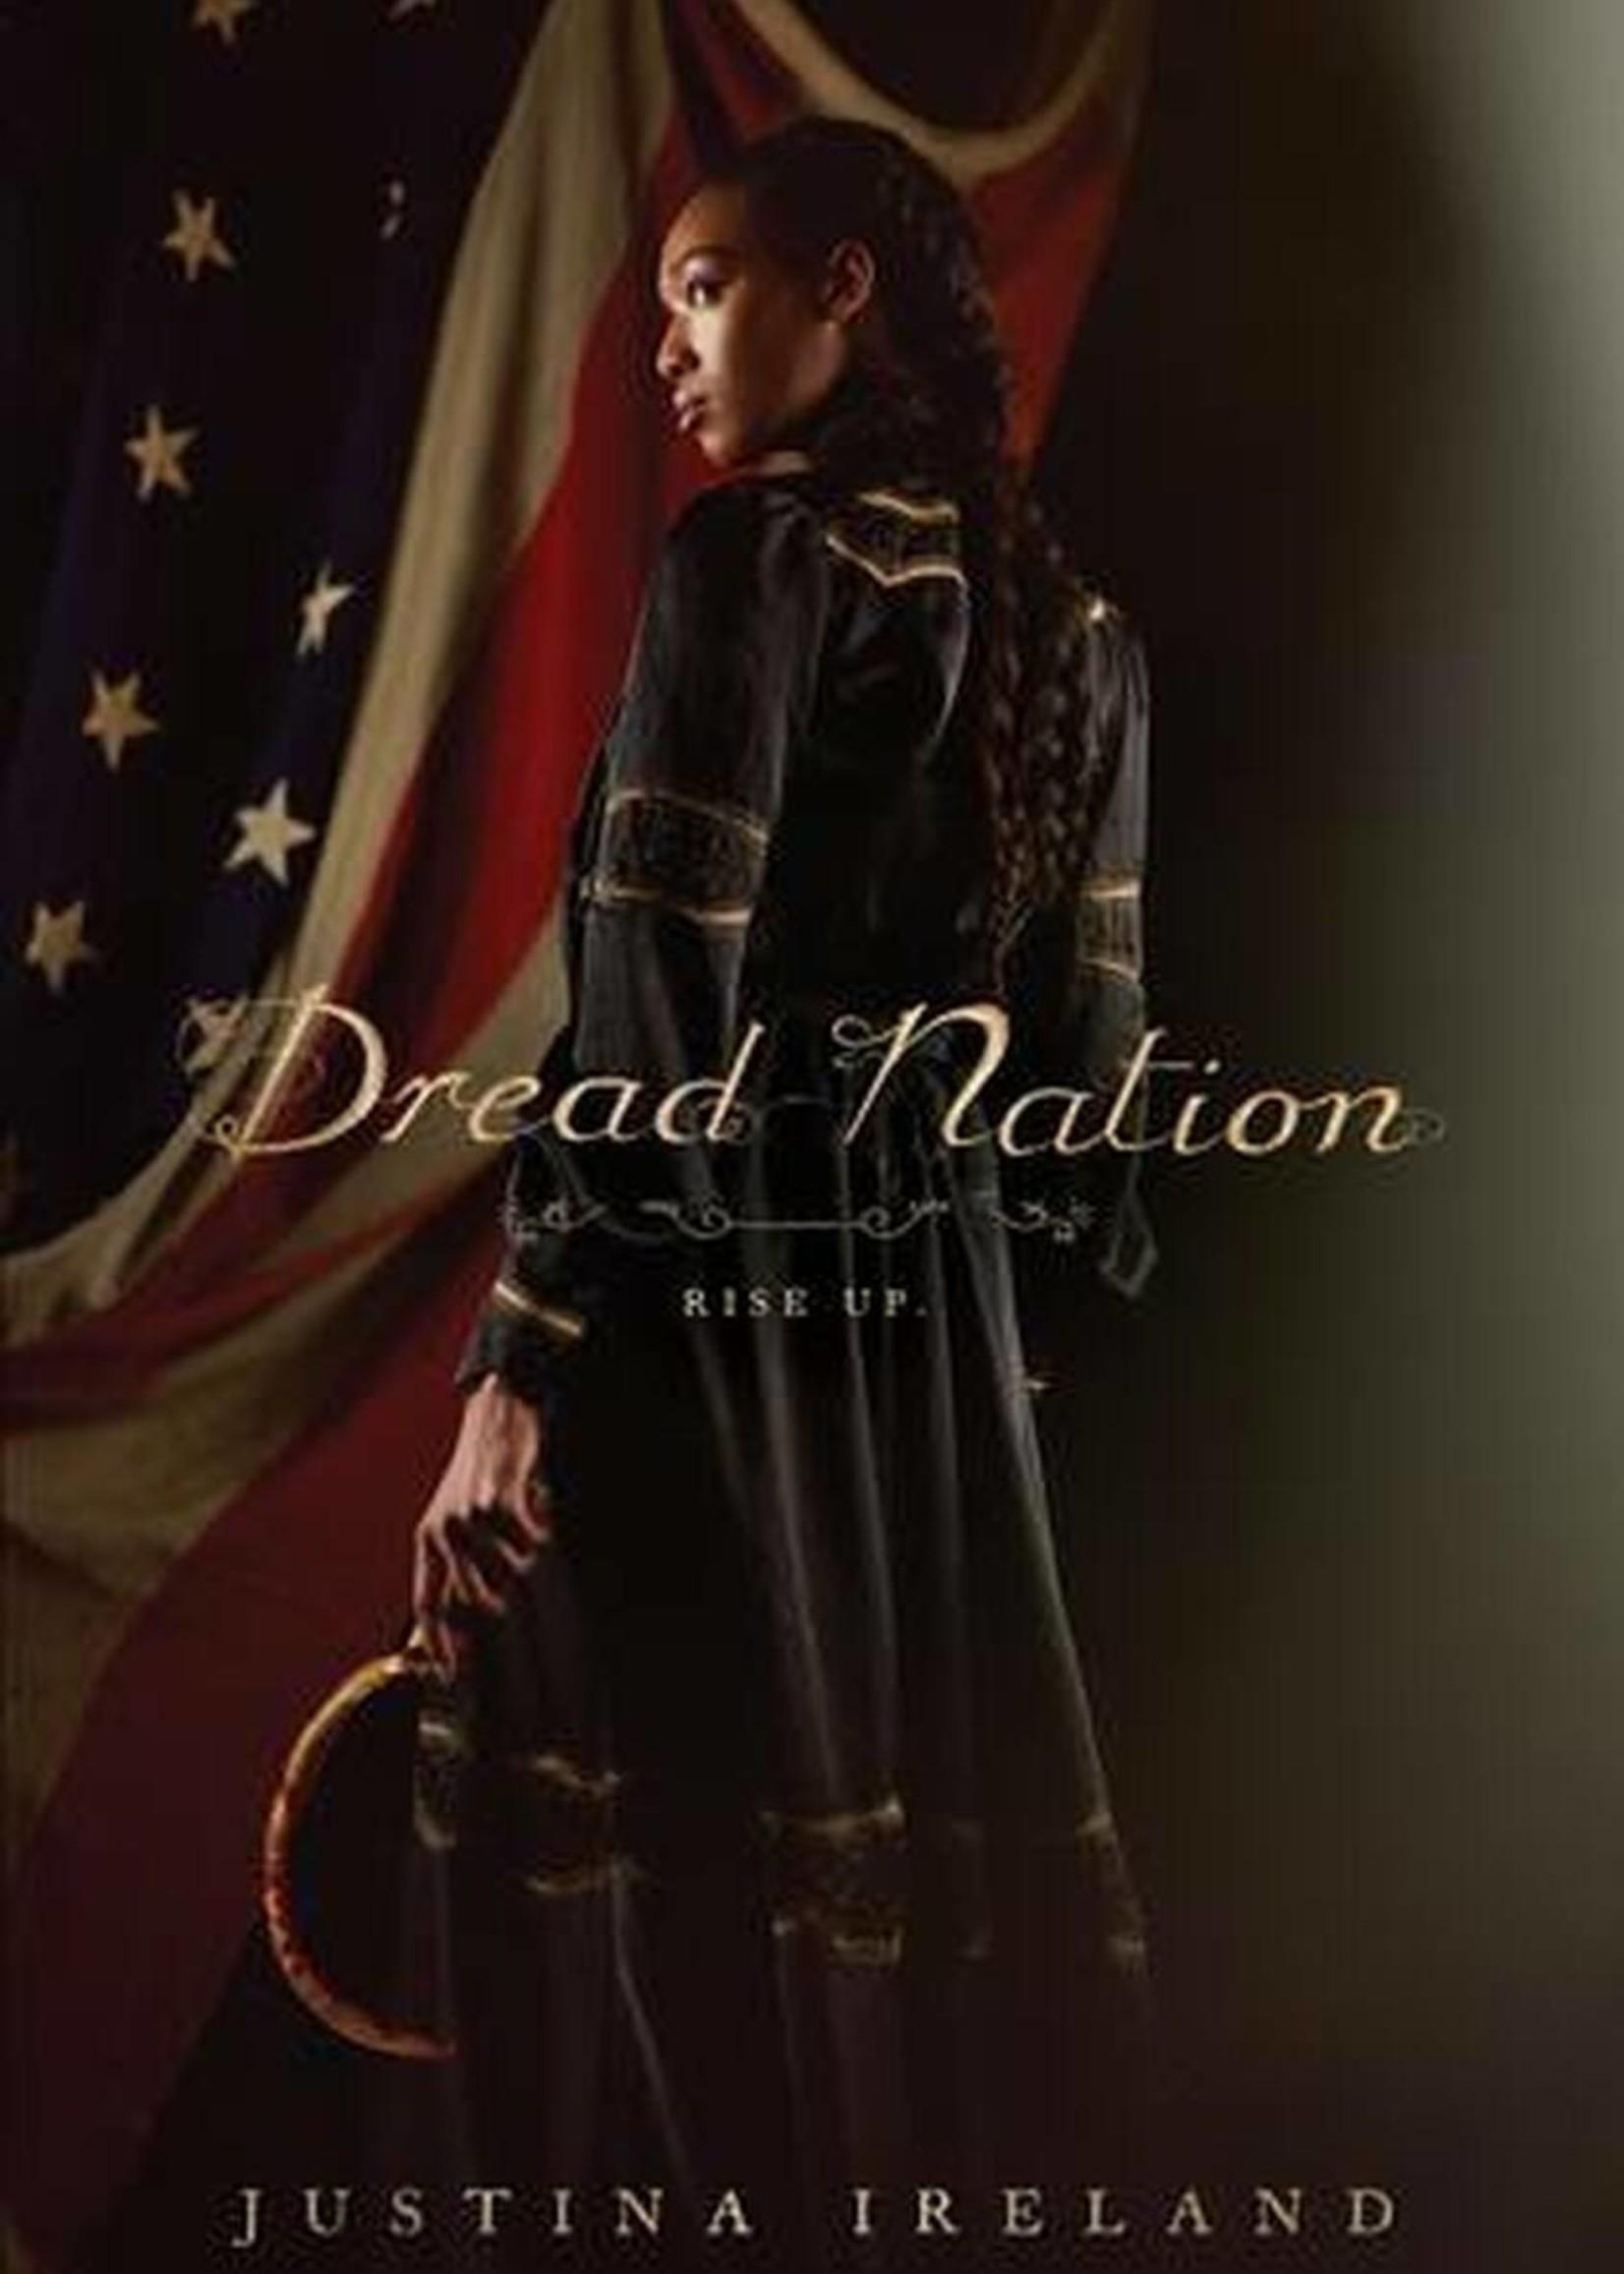 OBOB 21/22: Dread Nation - Paperback